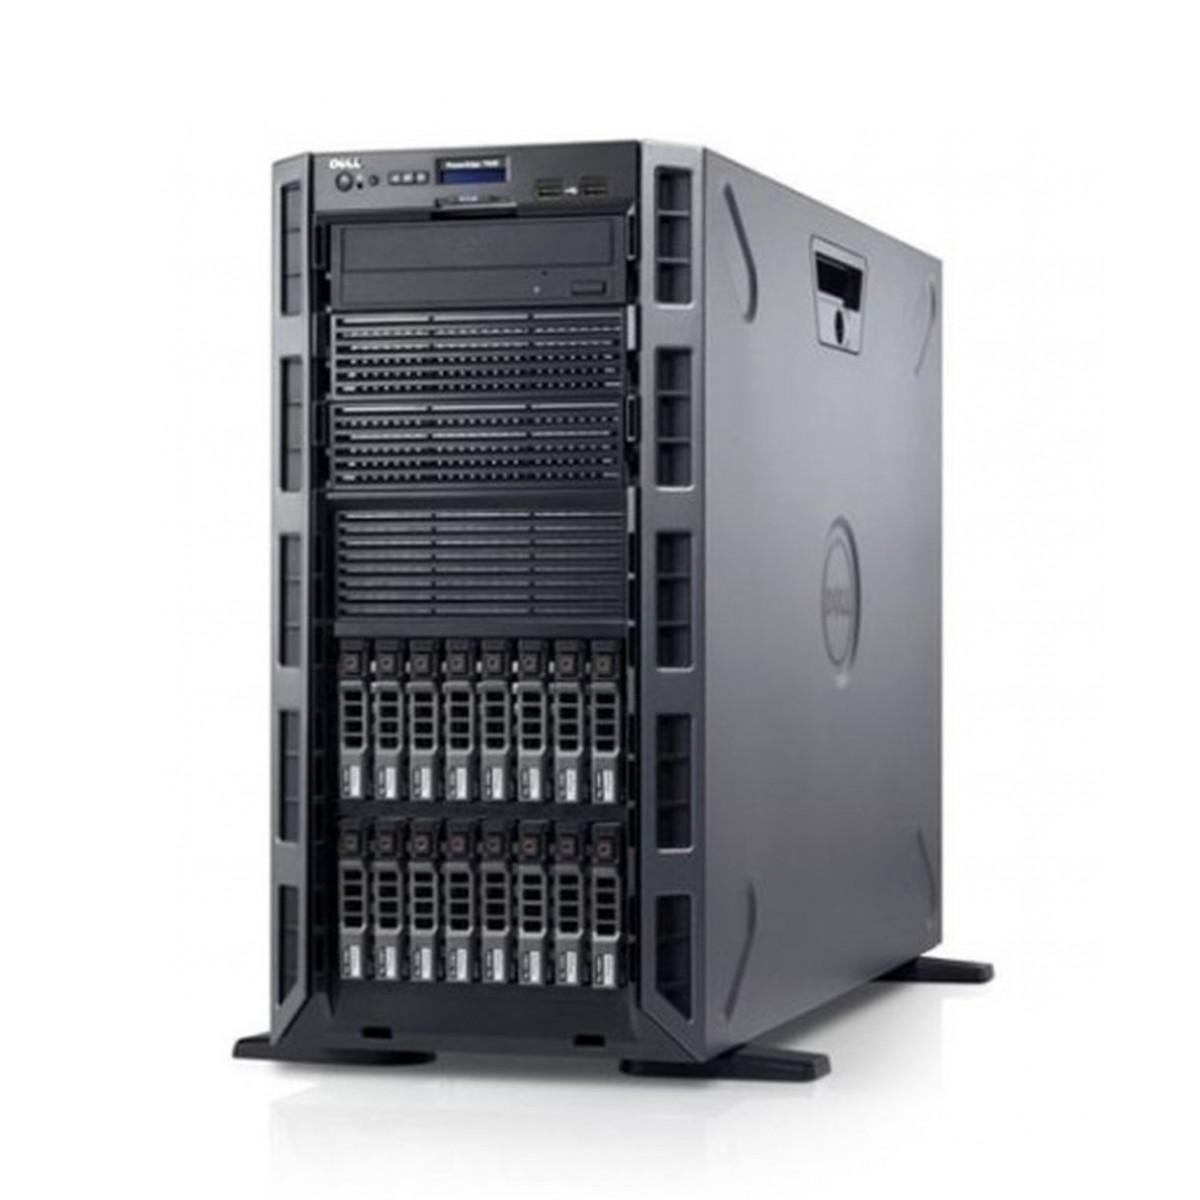 ZASILACZ 500W DO HP ML370 G2 G3 216068-001